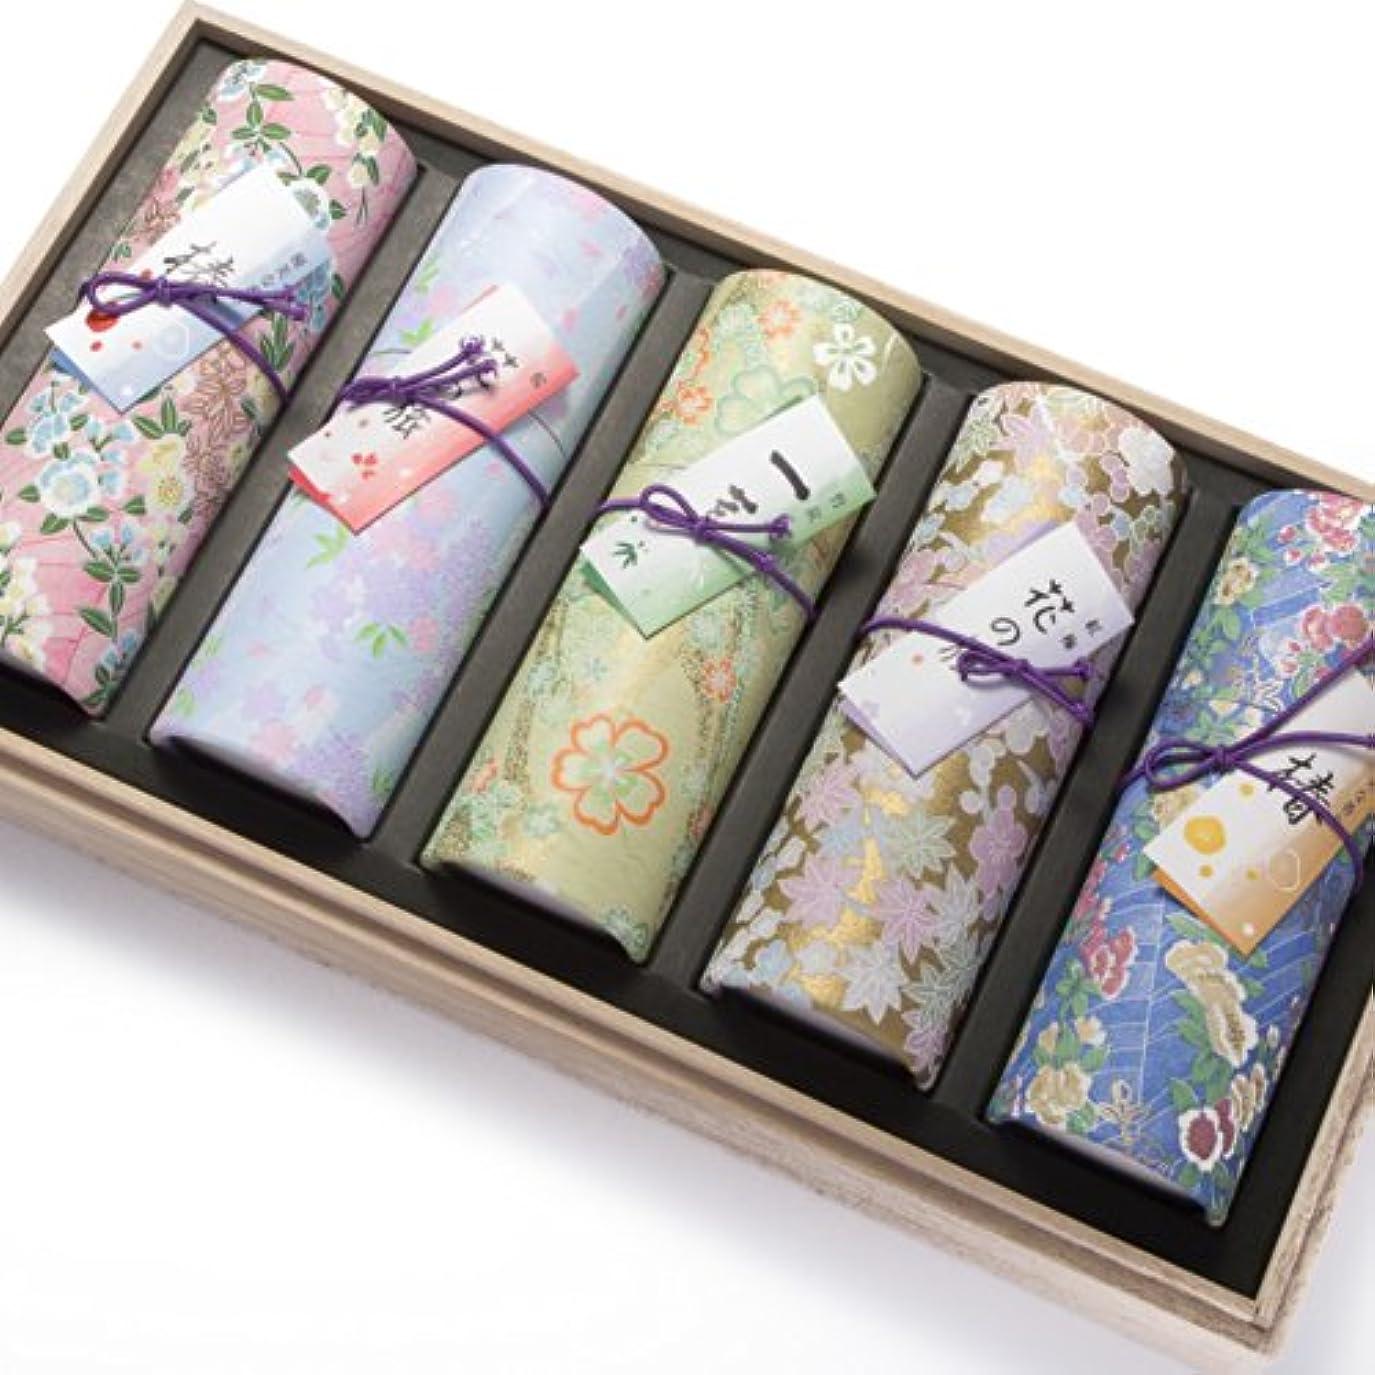 嵐の判定汚染された奥野晴明堂 お線香 花くらべ5種セット 桐箱入り